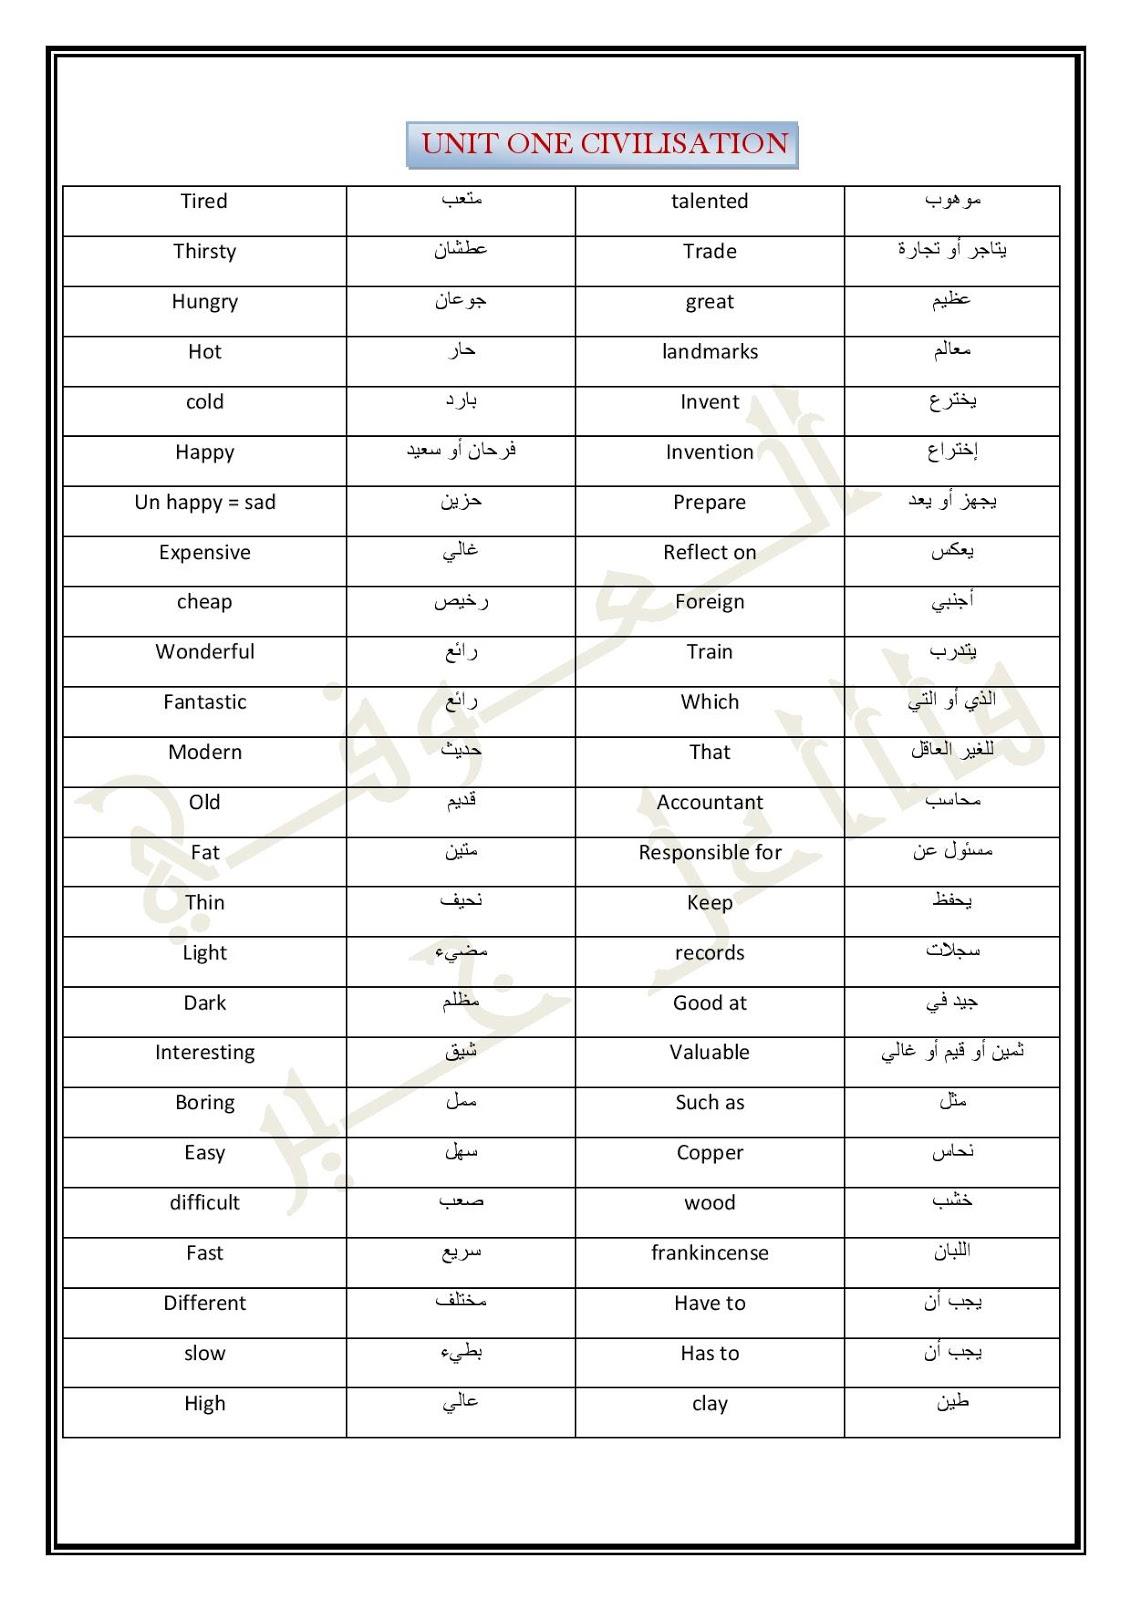 قاموس العمالقة فى اللغة الانجليزية